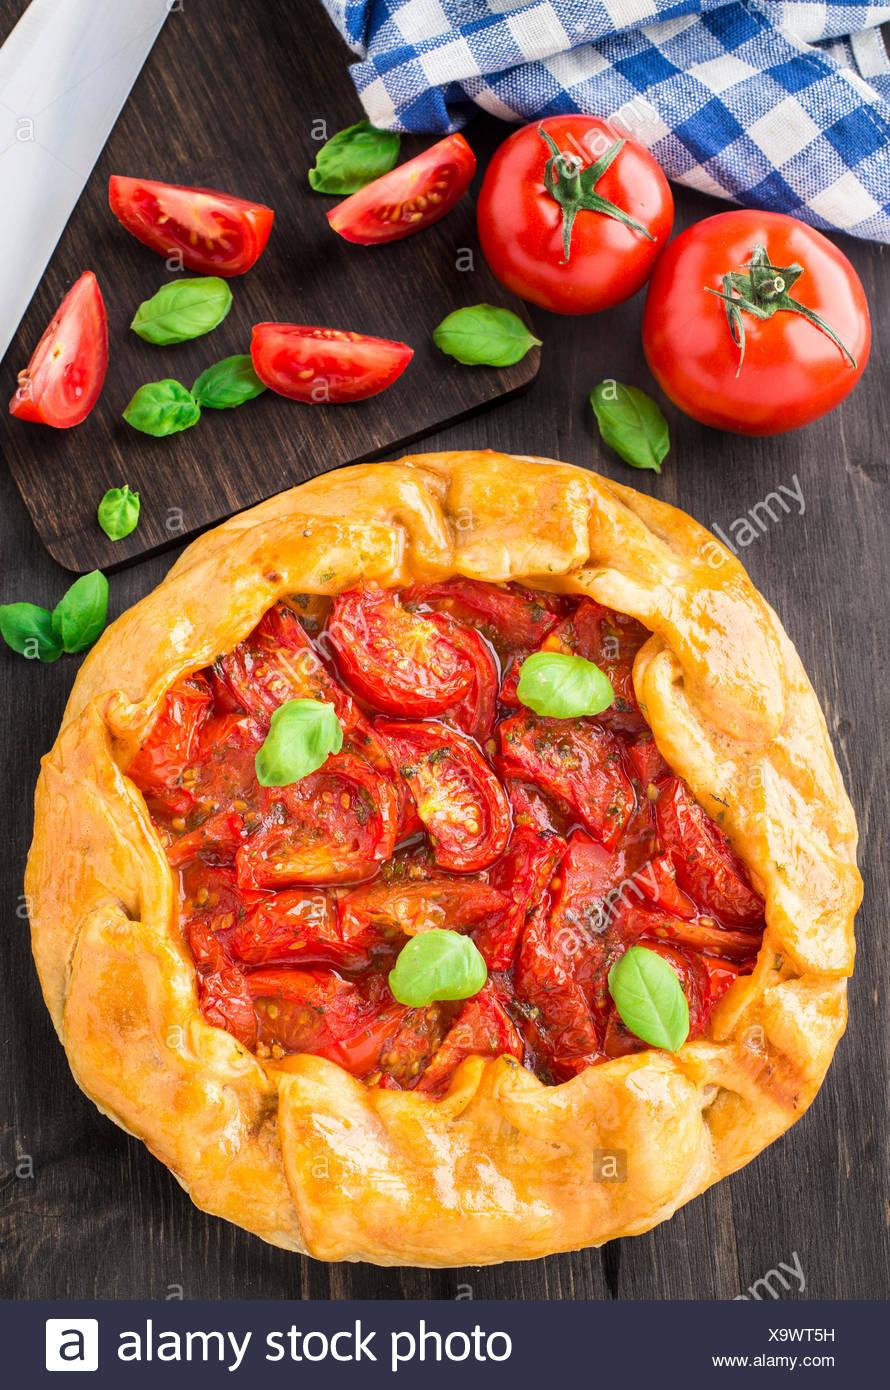 Galette à la tomate et basilic sur une table Photo Stock